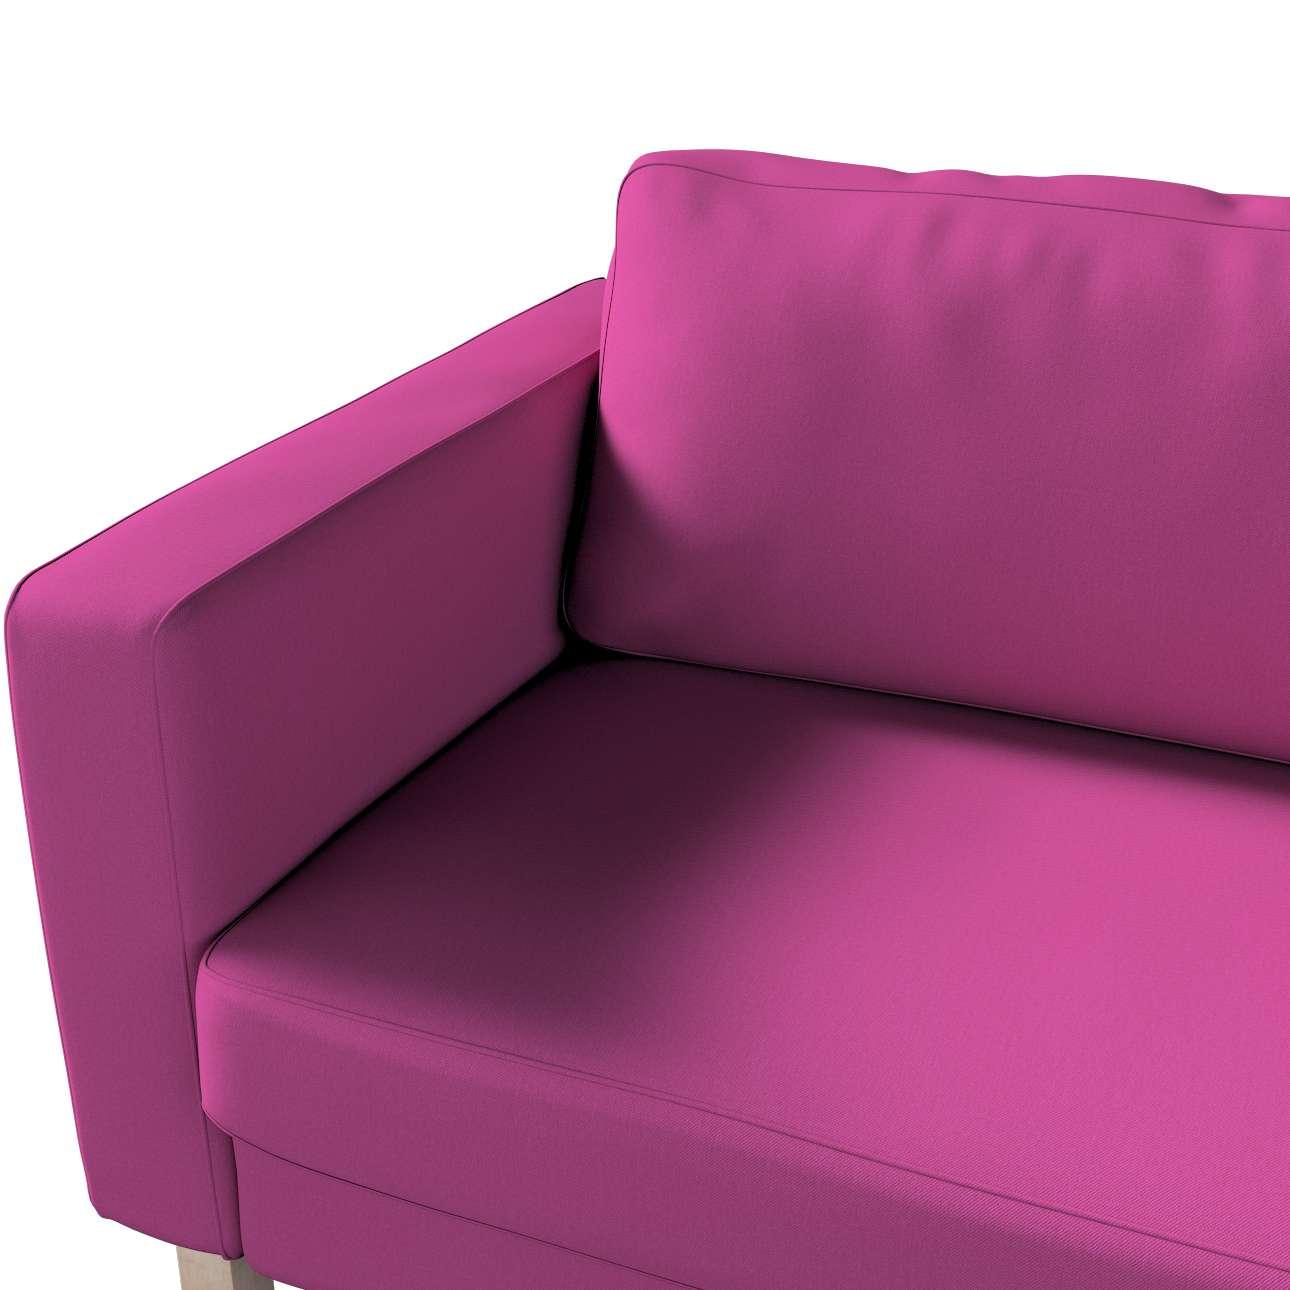 Karlstad klädsel<br>3-pers. soffa - kort - 204cm i kollektionen Etna, Tyg: 705-23